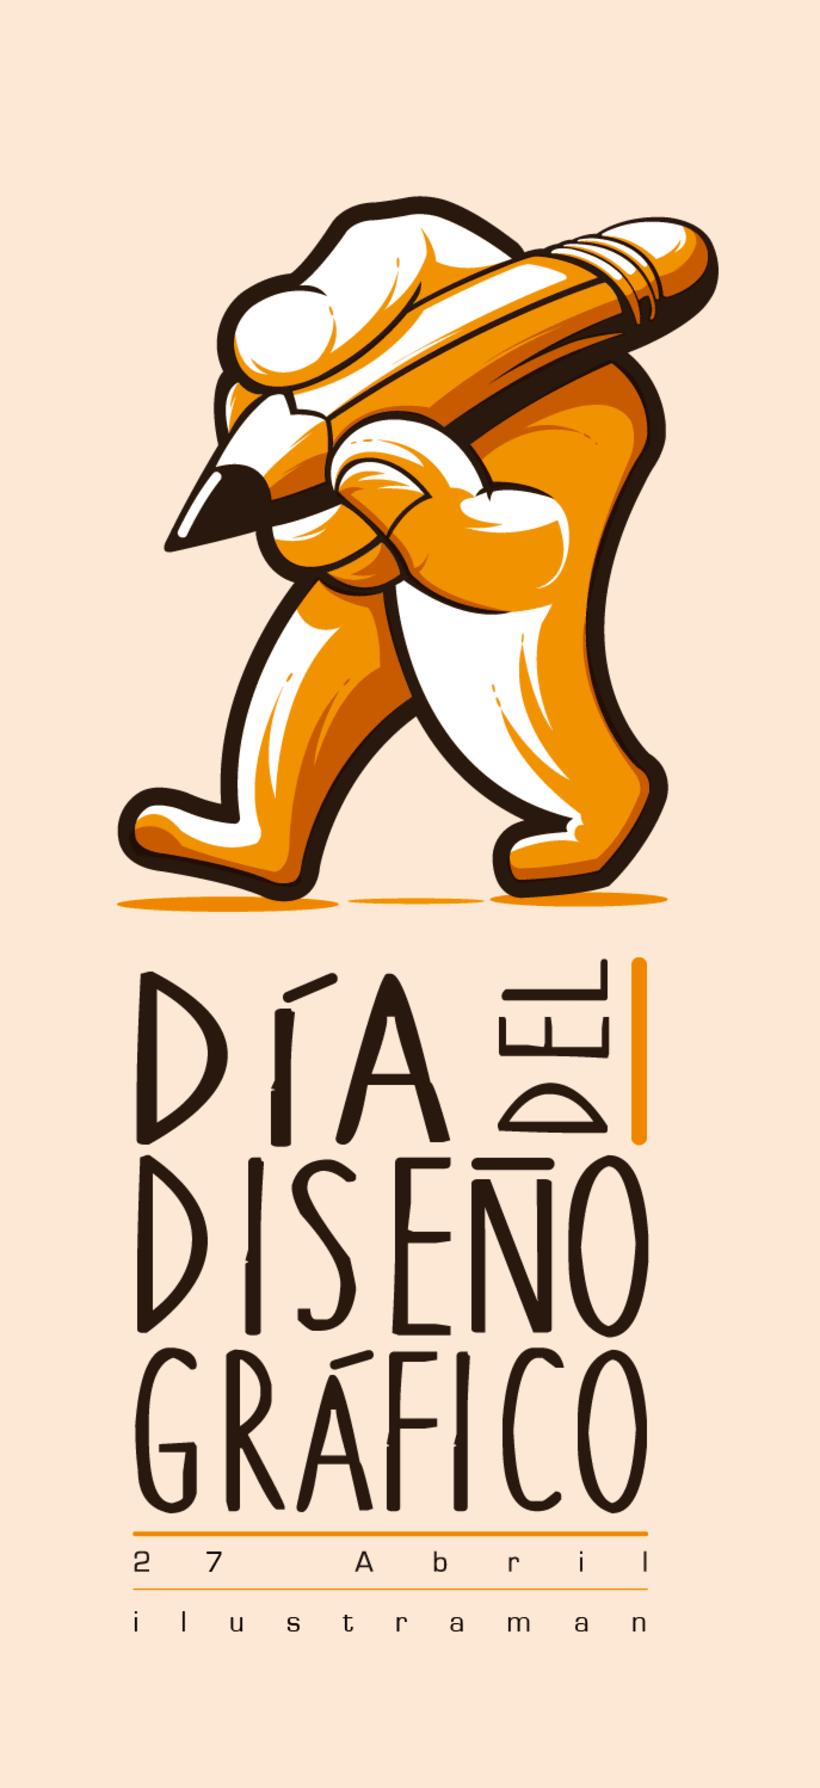 Los monos a través de los monos¡¡¡ Trabajo independiente como ilustrador digital. 9